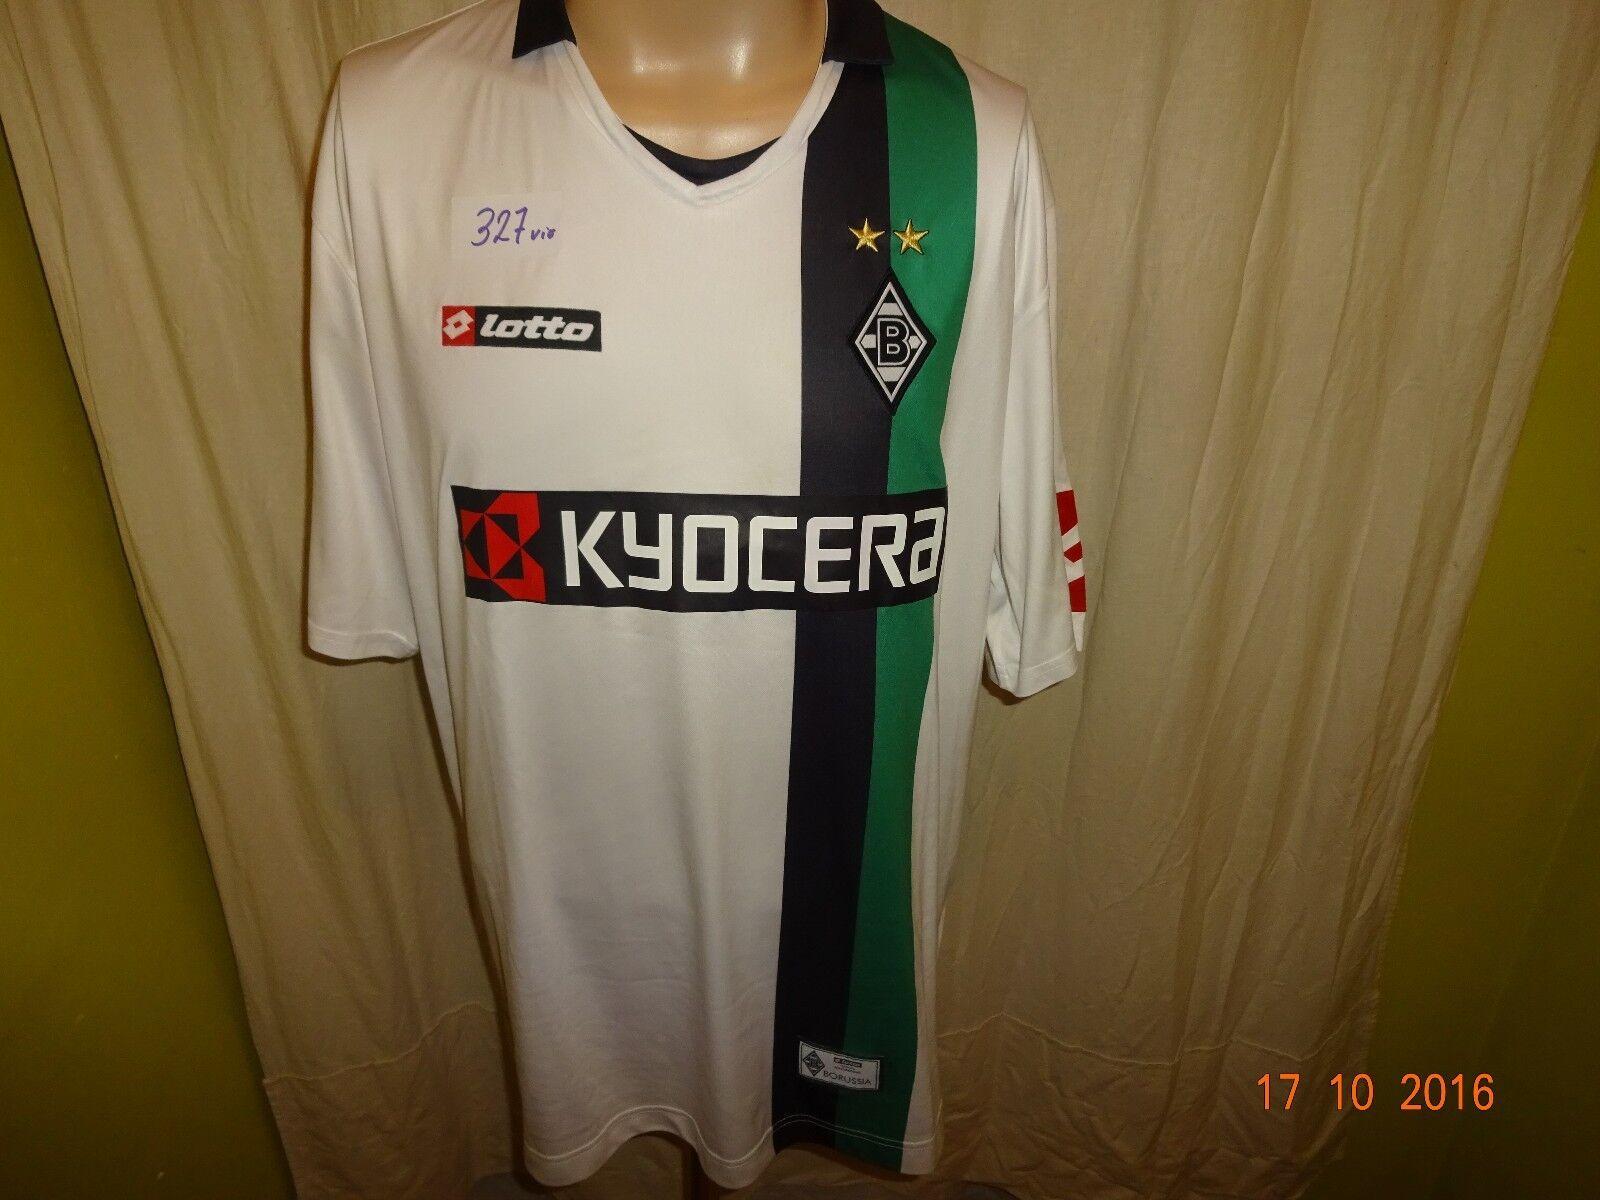 Borussia Mönchengladbach Lotto Trikot 2008 09  KYOCERA  + + + Nr.16 Friend Gr.XXL 6e6183